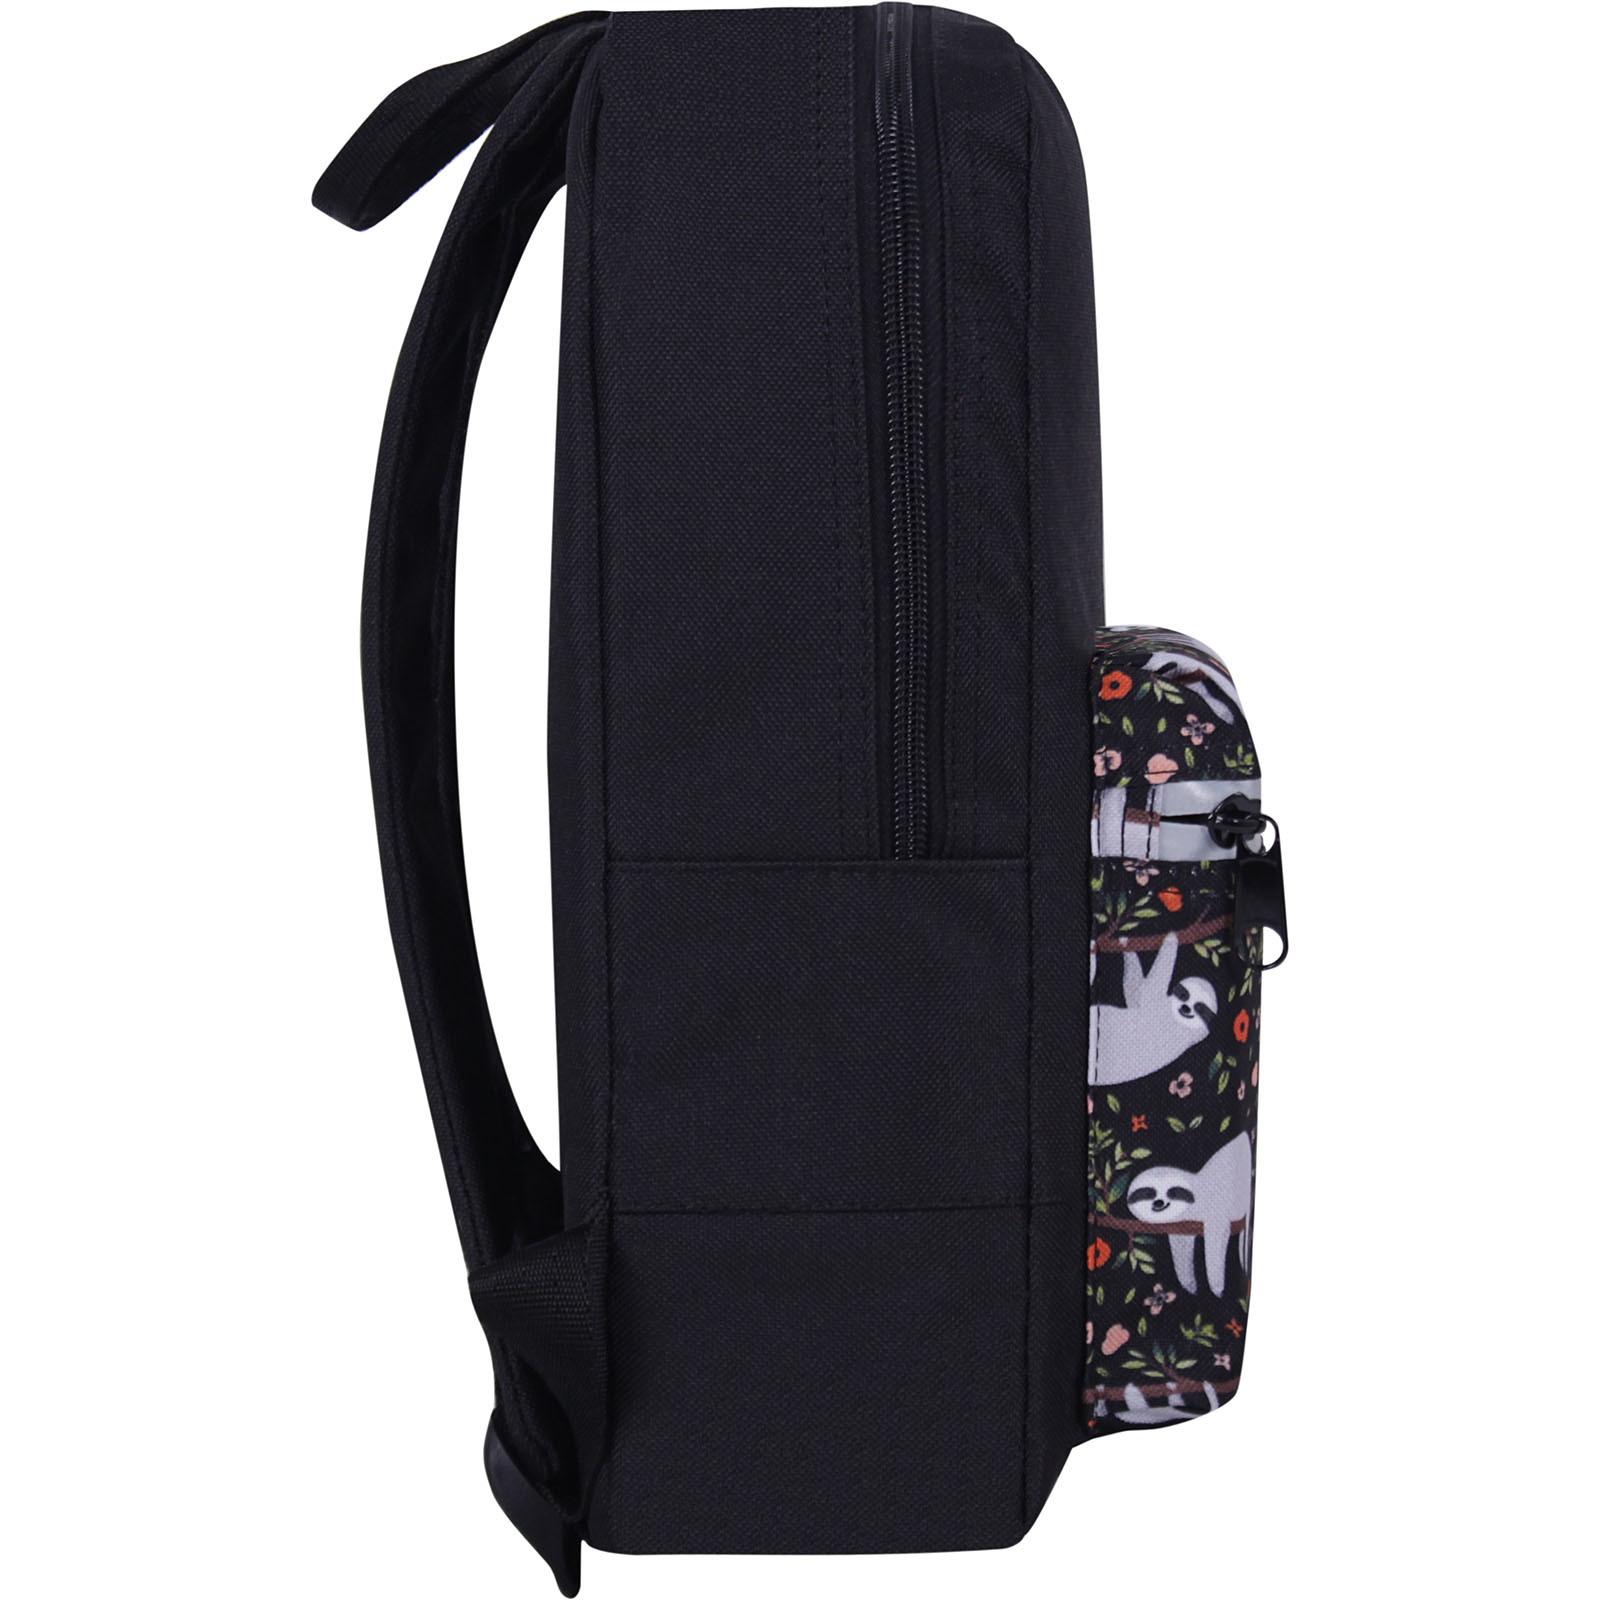 Рюкзак Bagland Молодежный mini 8 л. черный 752 (0050866) фото 2